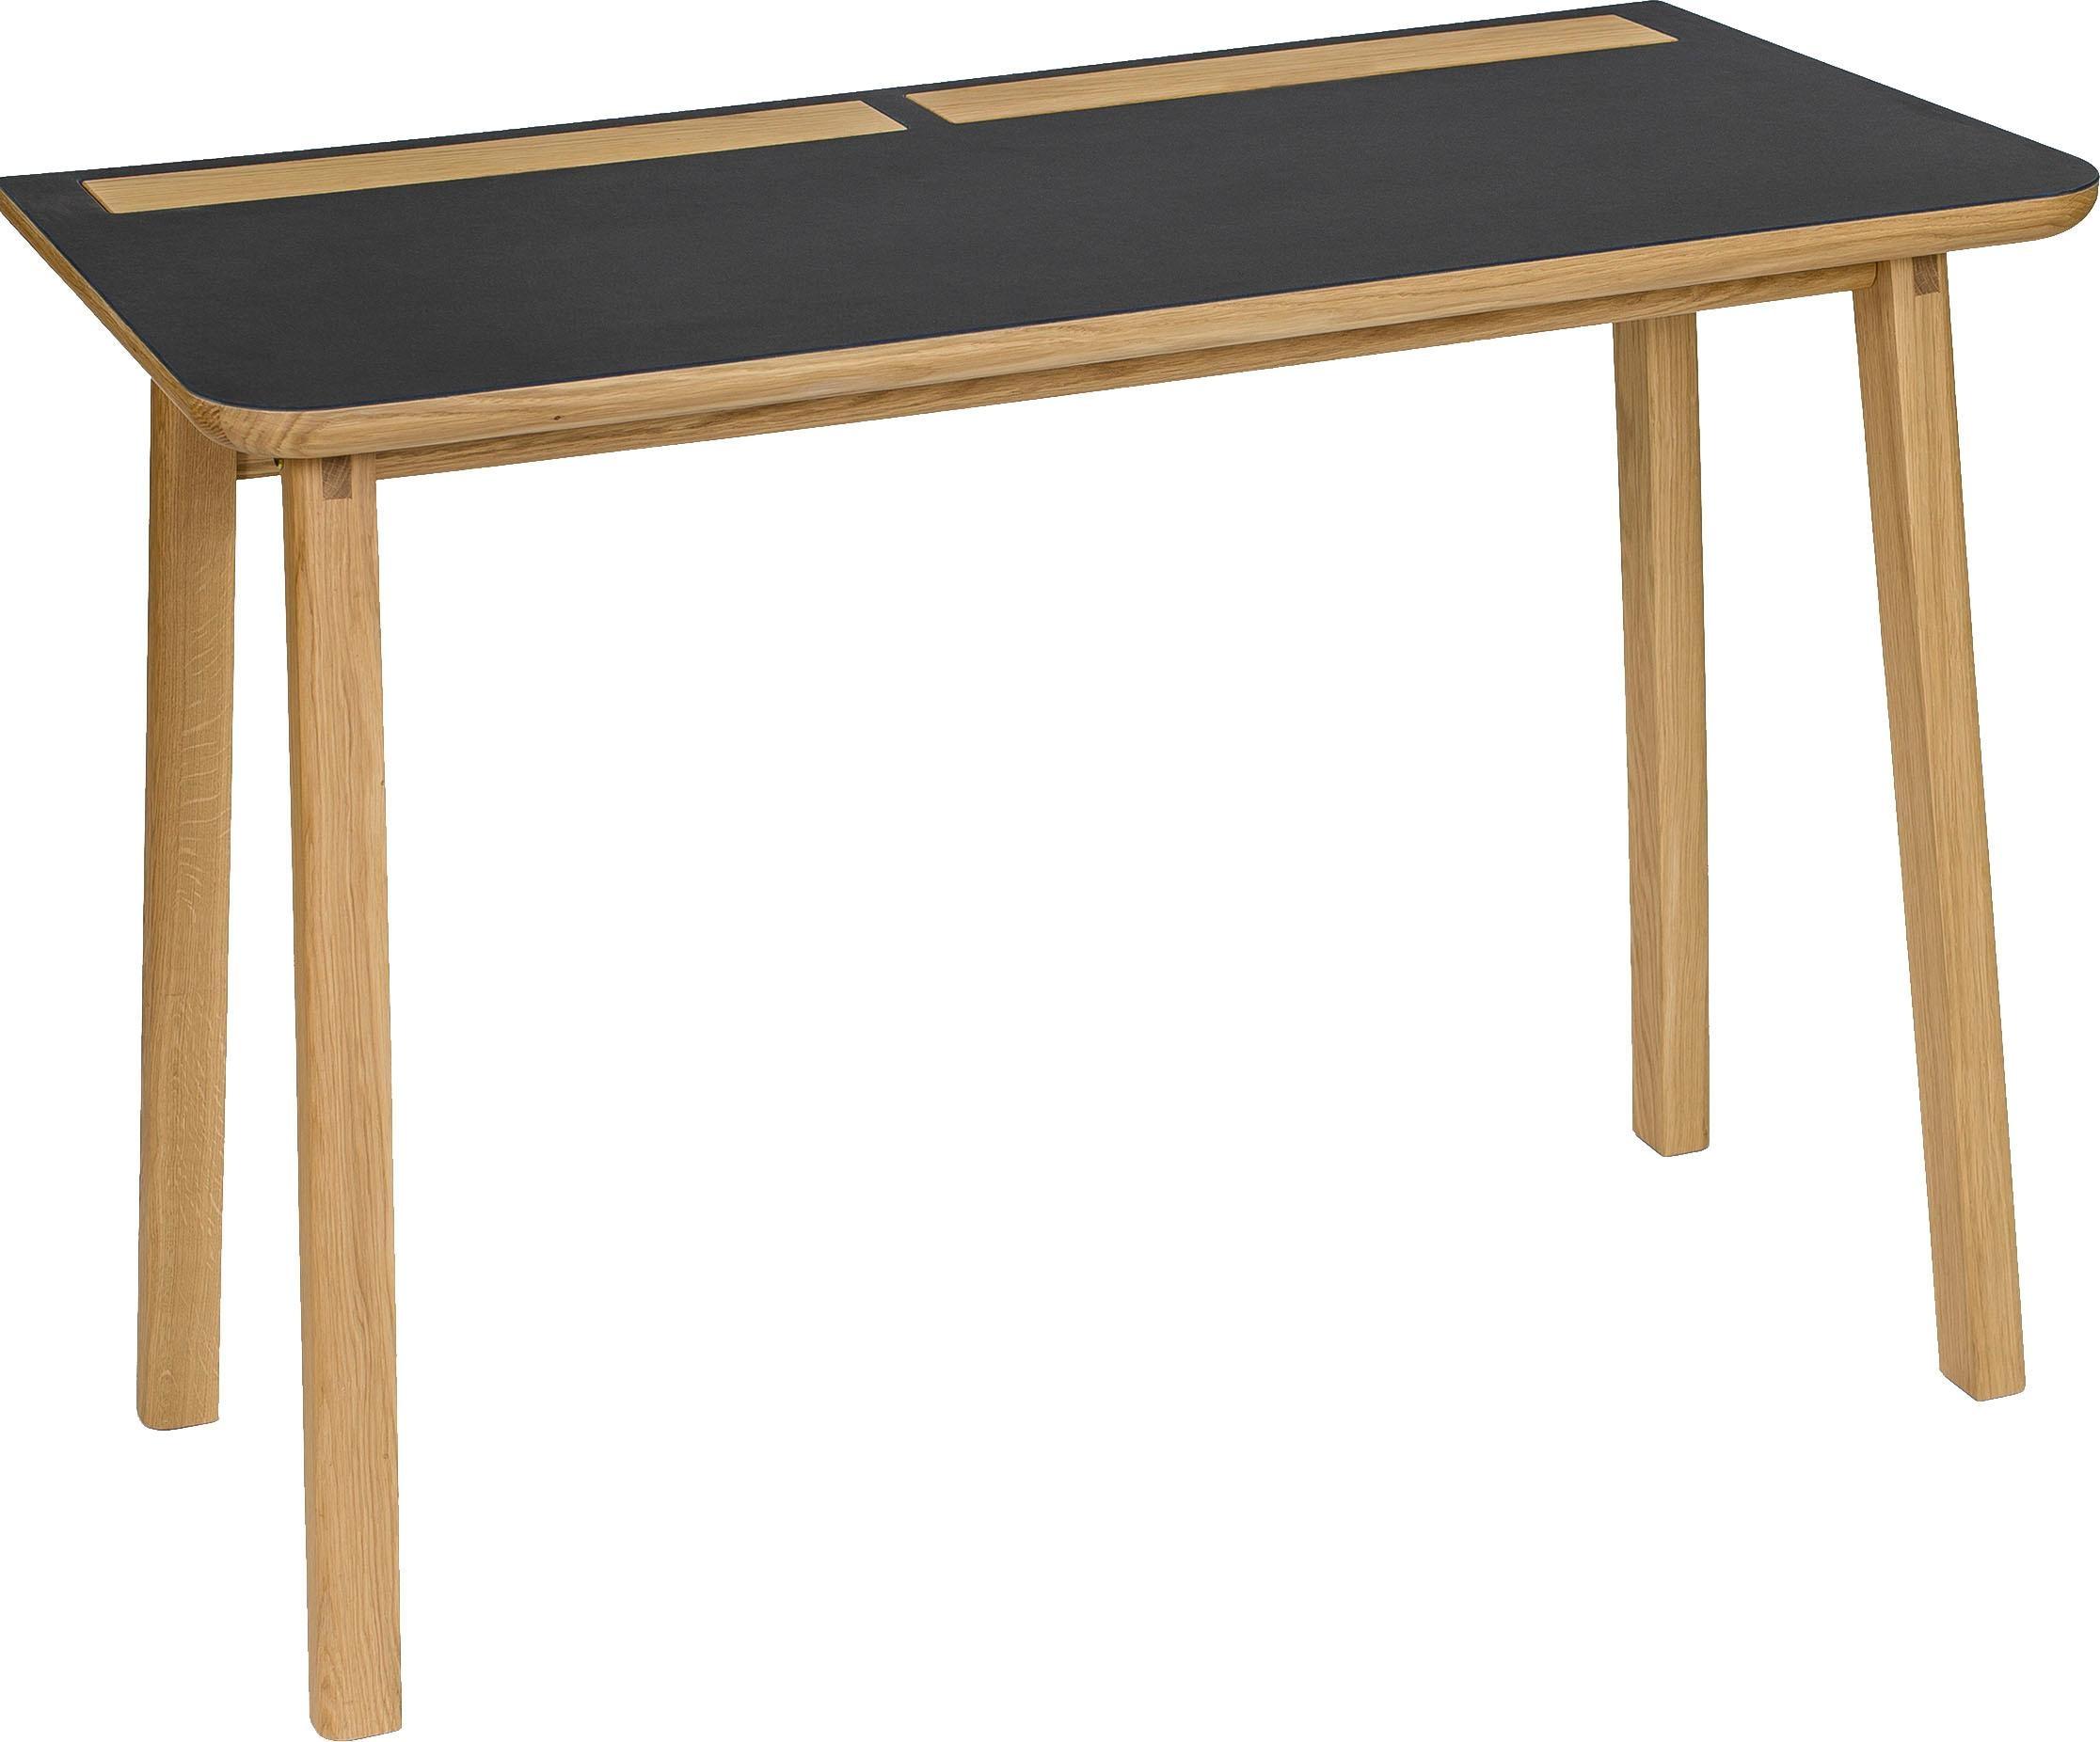 Woodman Schreibtisch Mati Mit Zwei Ledertaschen An Der Seite Des Tisches Fur Gute Stauraummoglichkeiten Breite 115 Cm